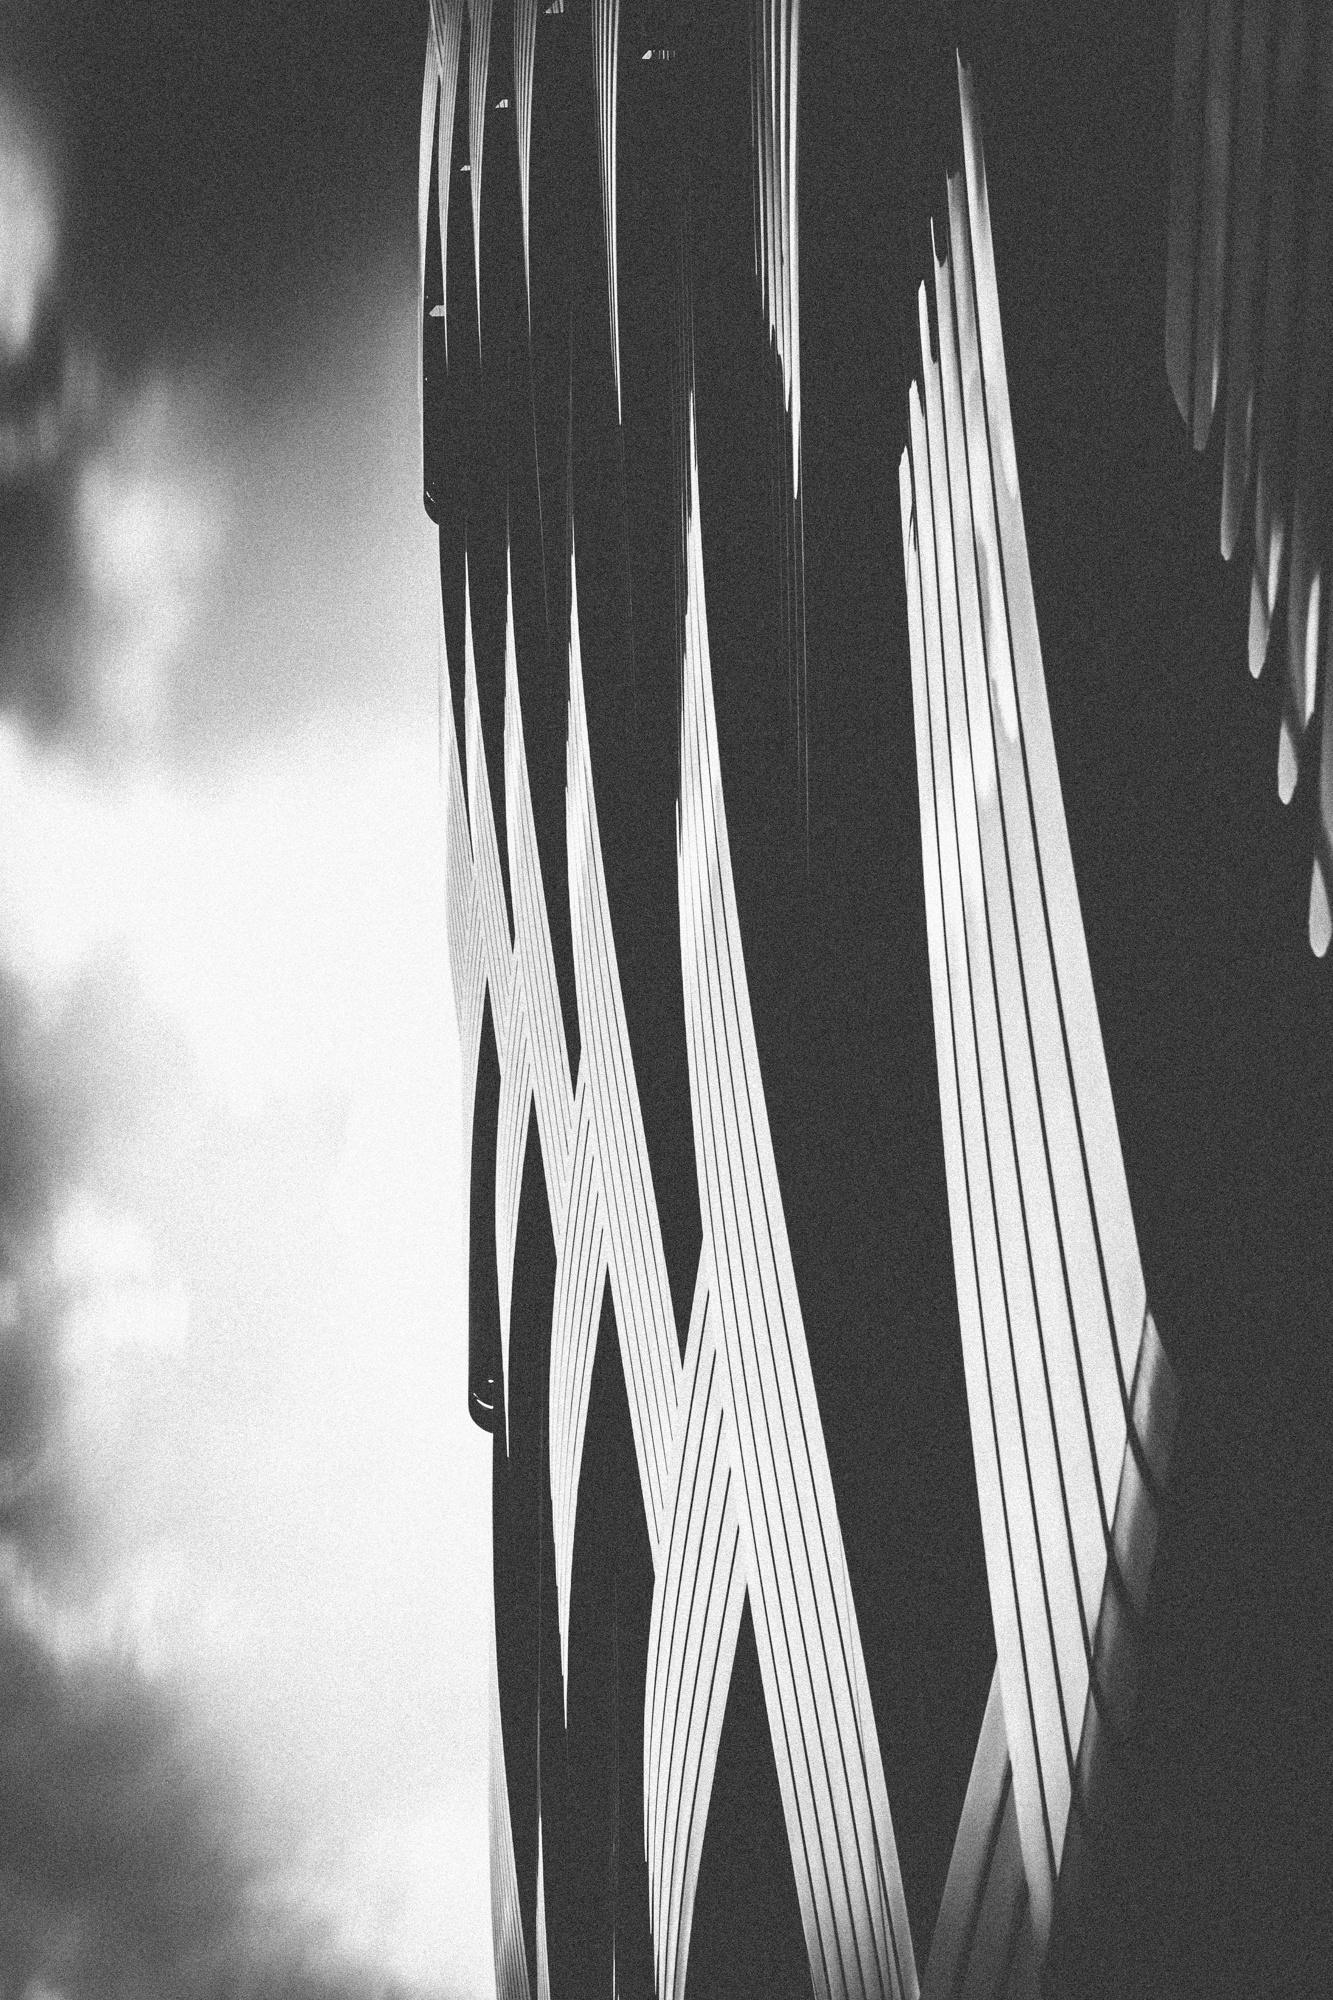 Skynet ? by Wanja Wiese